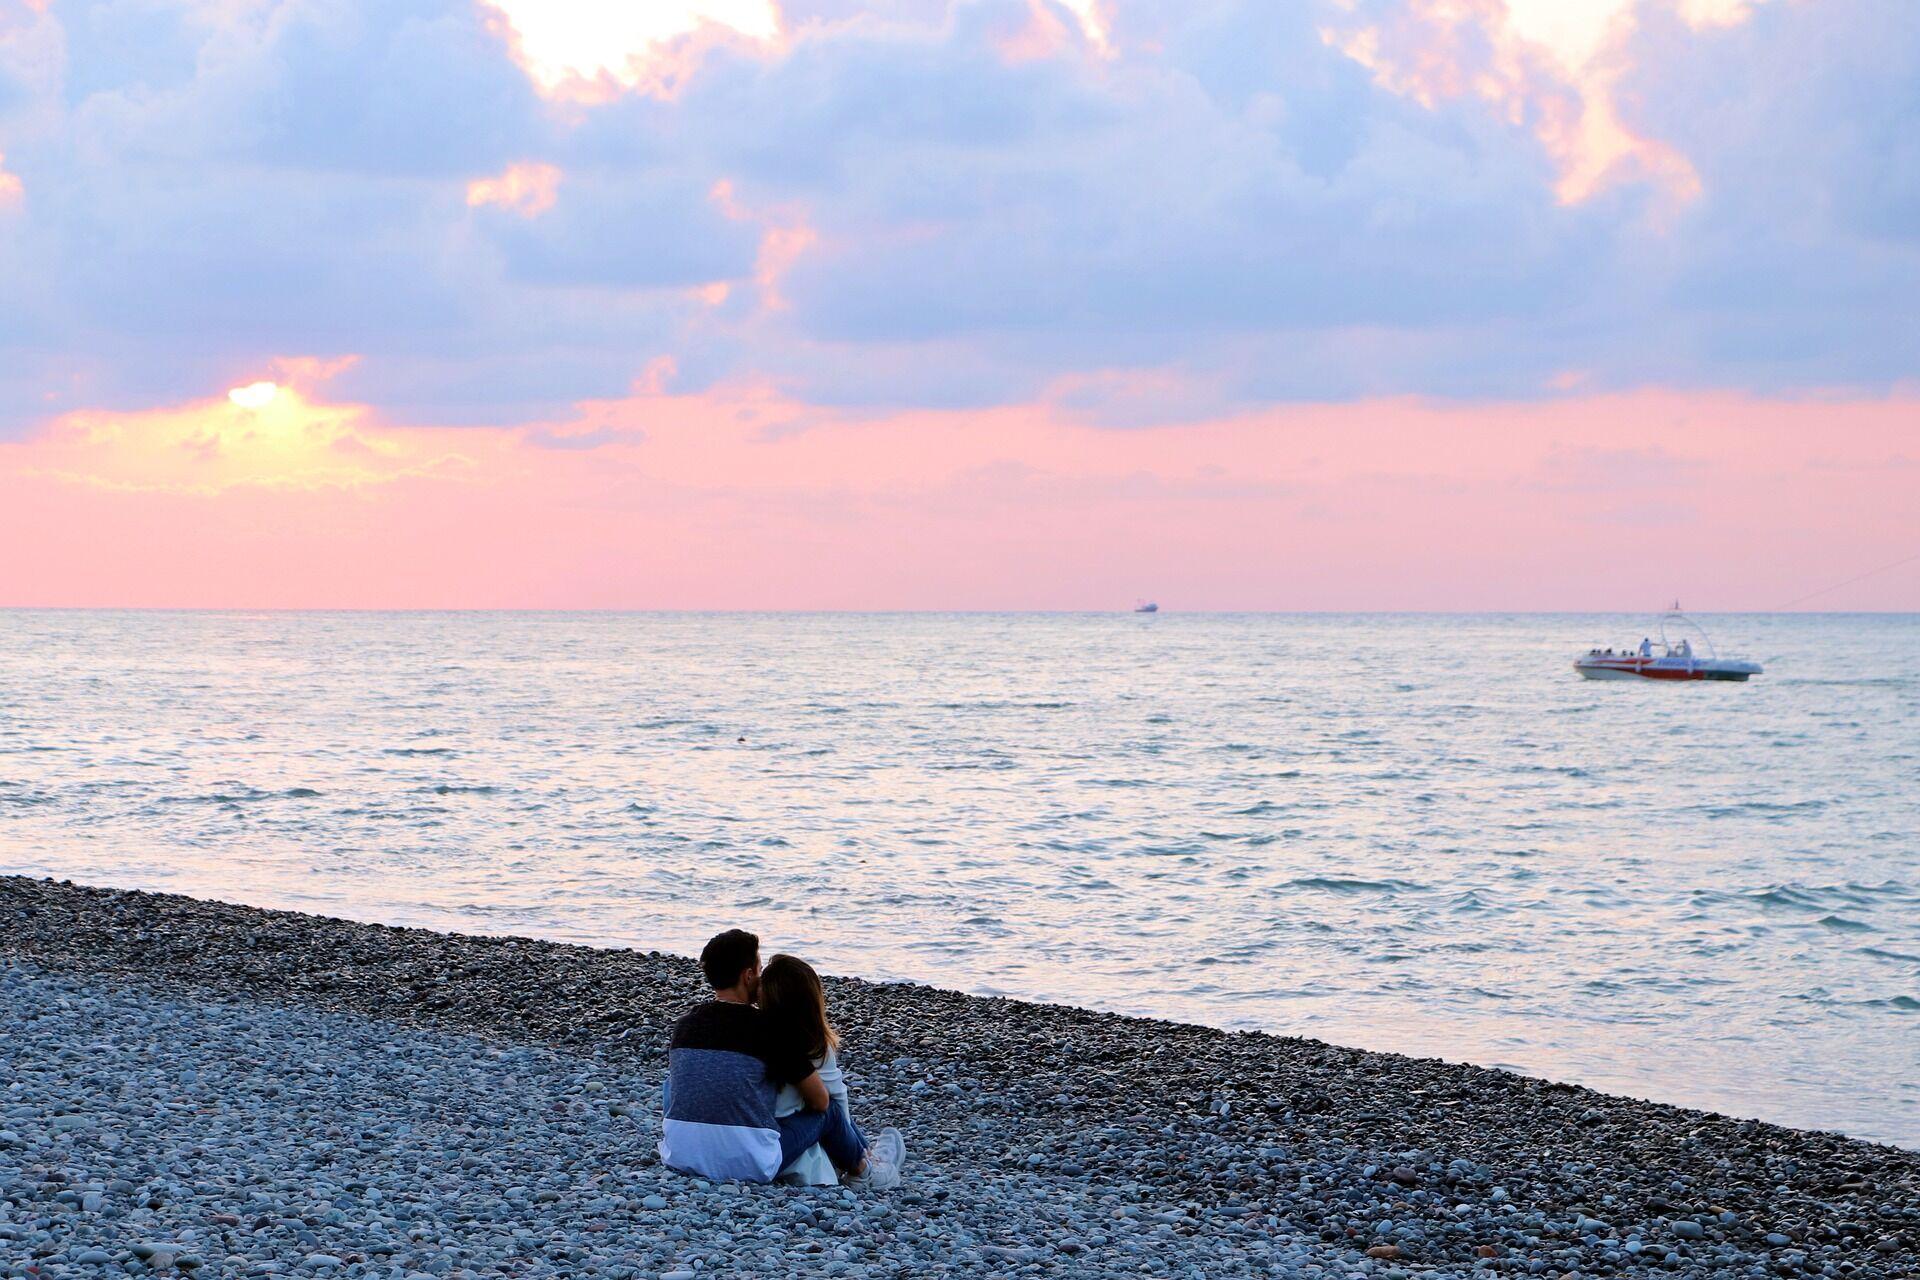 У Батумі всі пляжі галькові, тому сильно нагріваються під сонцем